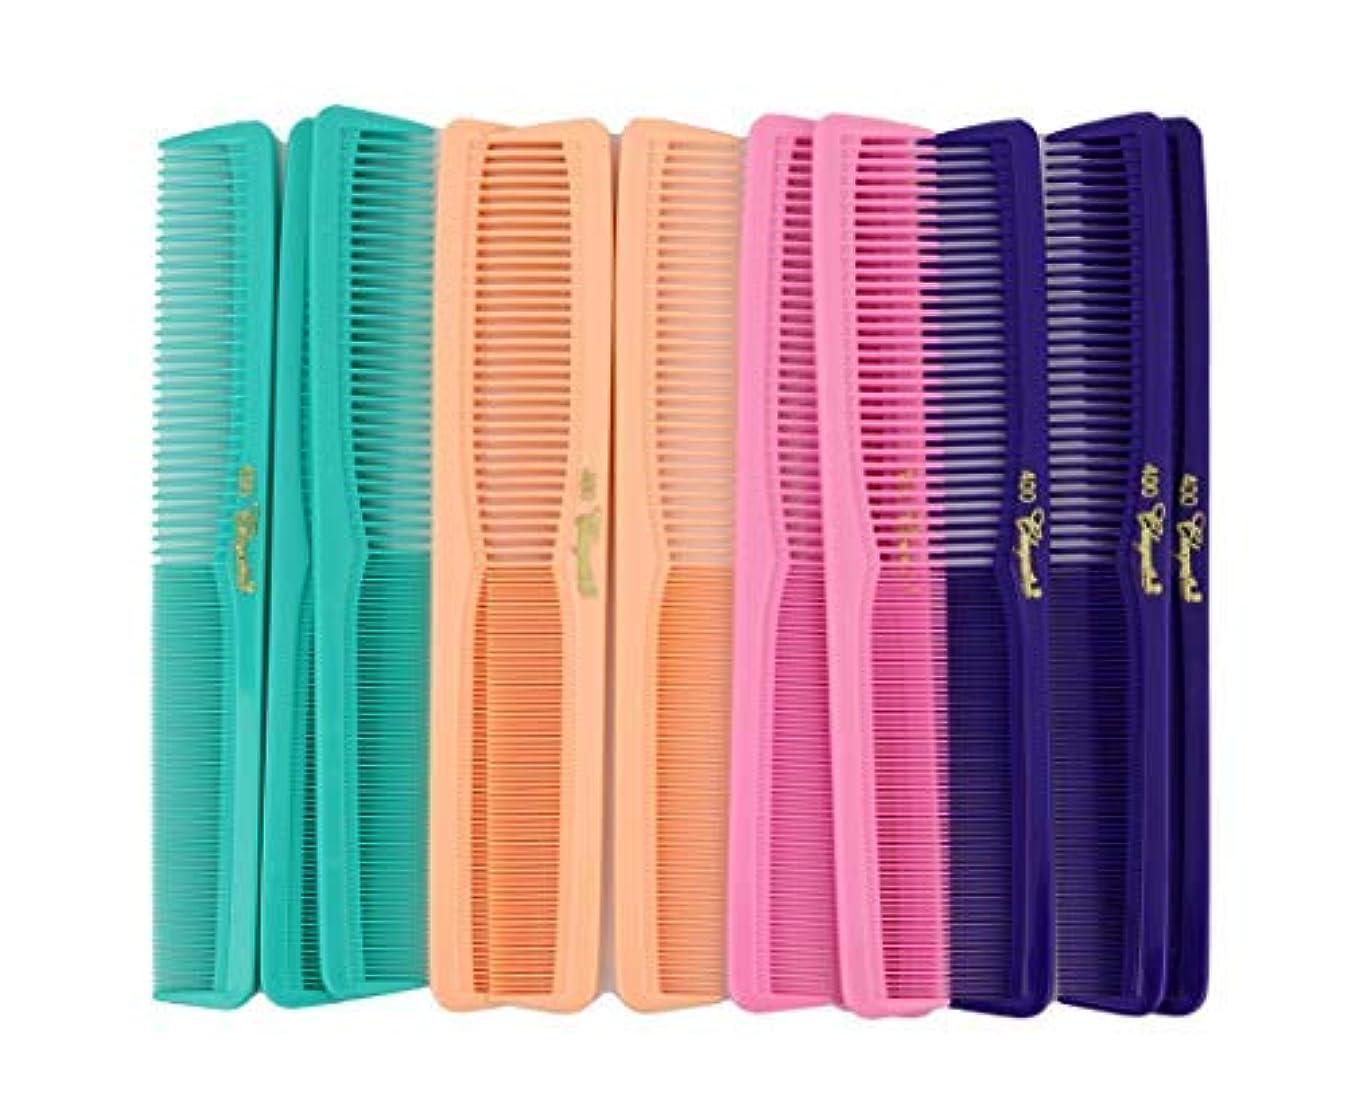 雪だるまプール警告7 inch All Purpose Hair Comb. Hair Cutting Combs. Barber's & Hairstylist Combs. Fresh Mix 12 Units. [並行輸入品]